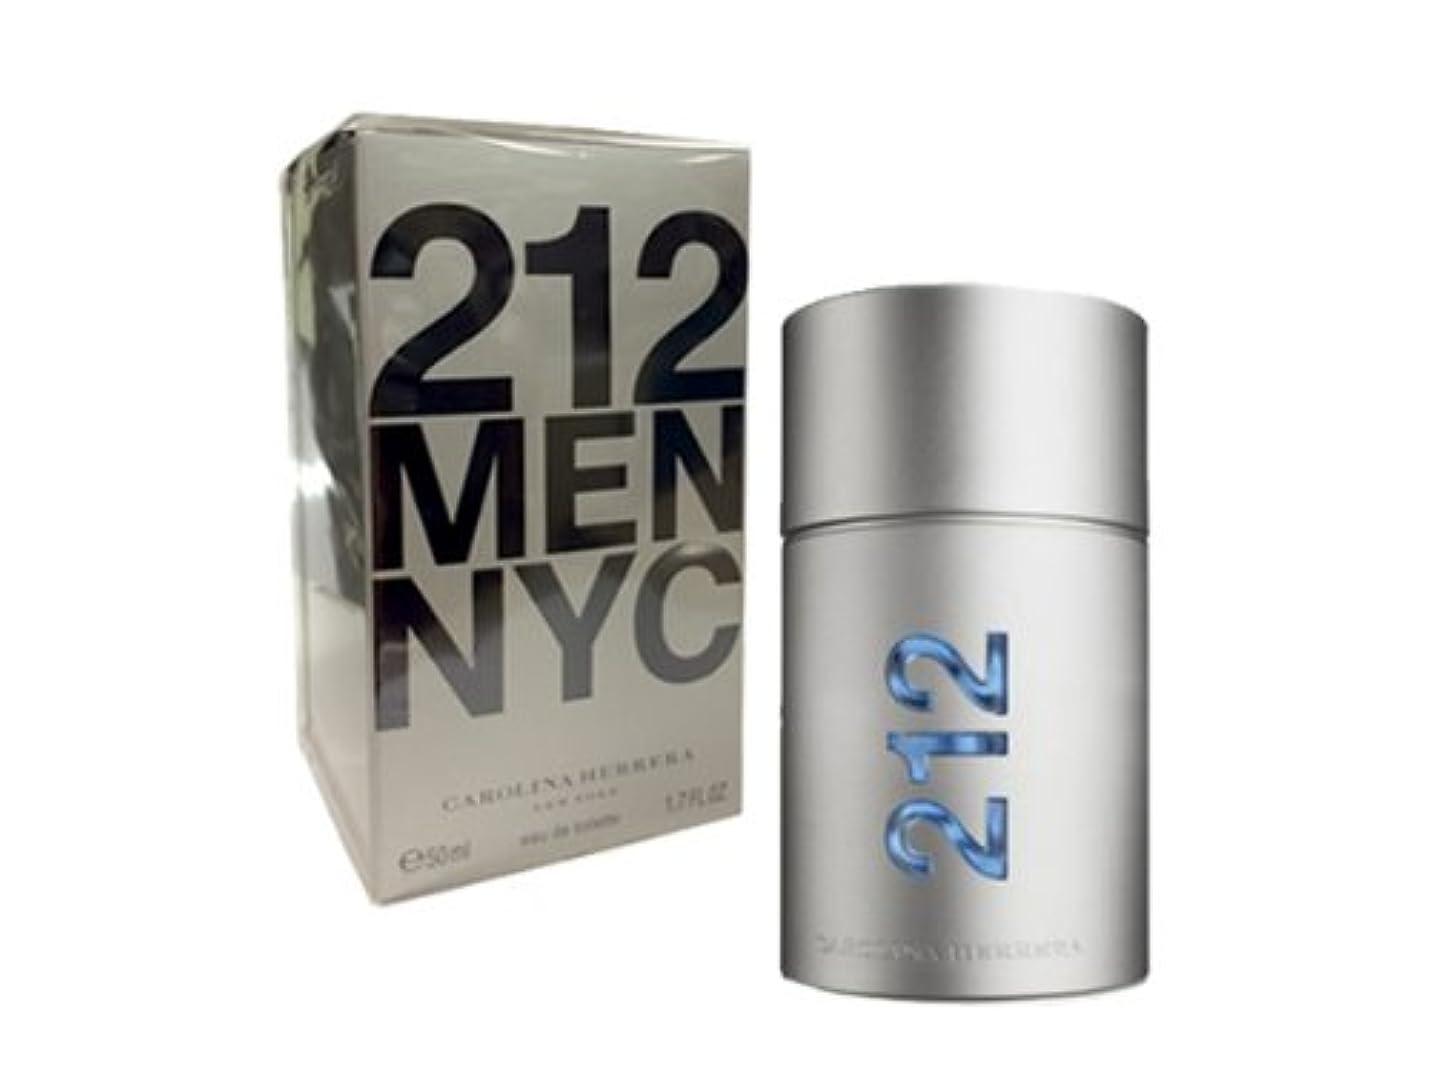 アンペア概念現在キャロライナヘレラ 212メン 50ml メンズ 香水 212MEDT50 CAROLINA HERRERA (並行輸入品)